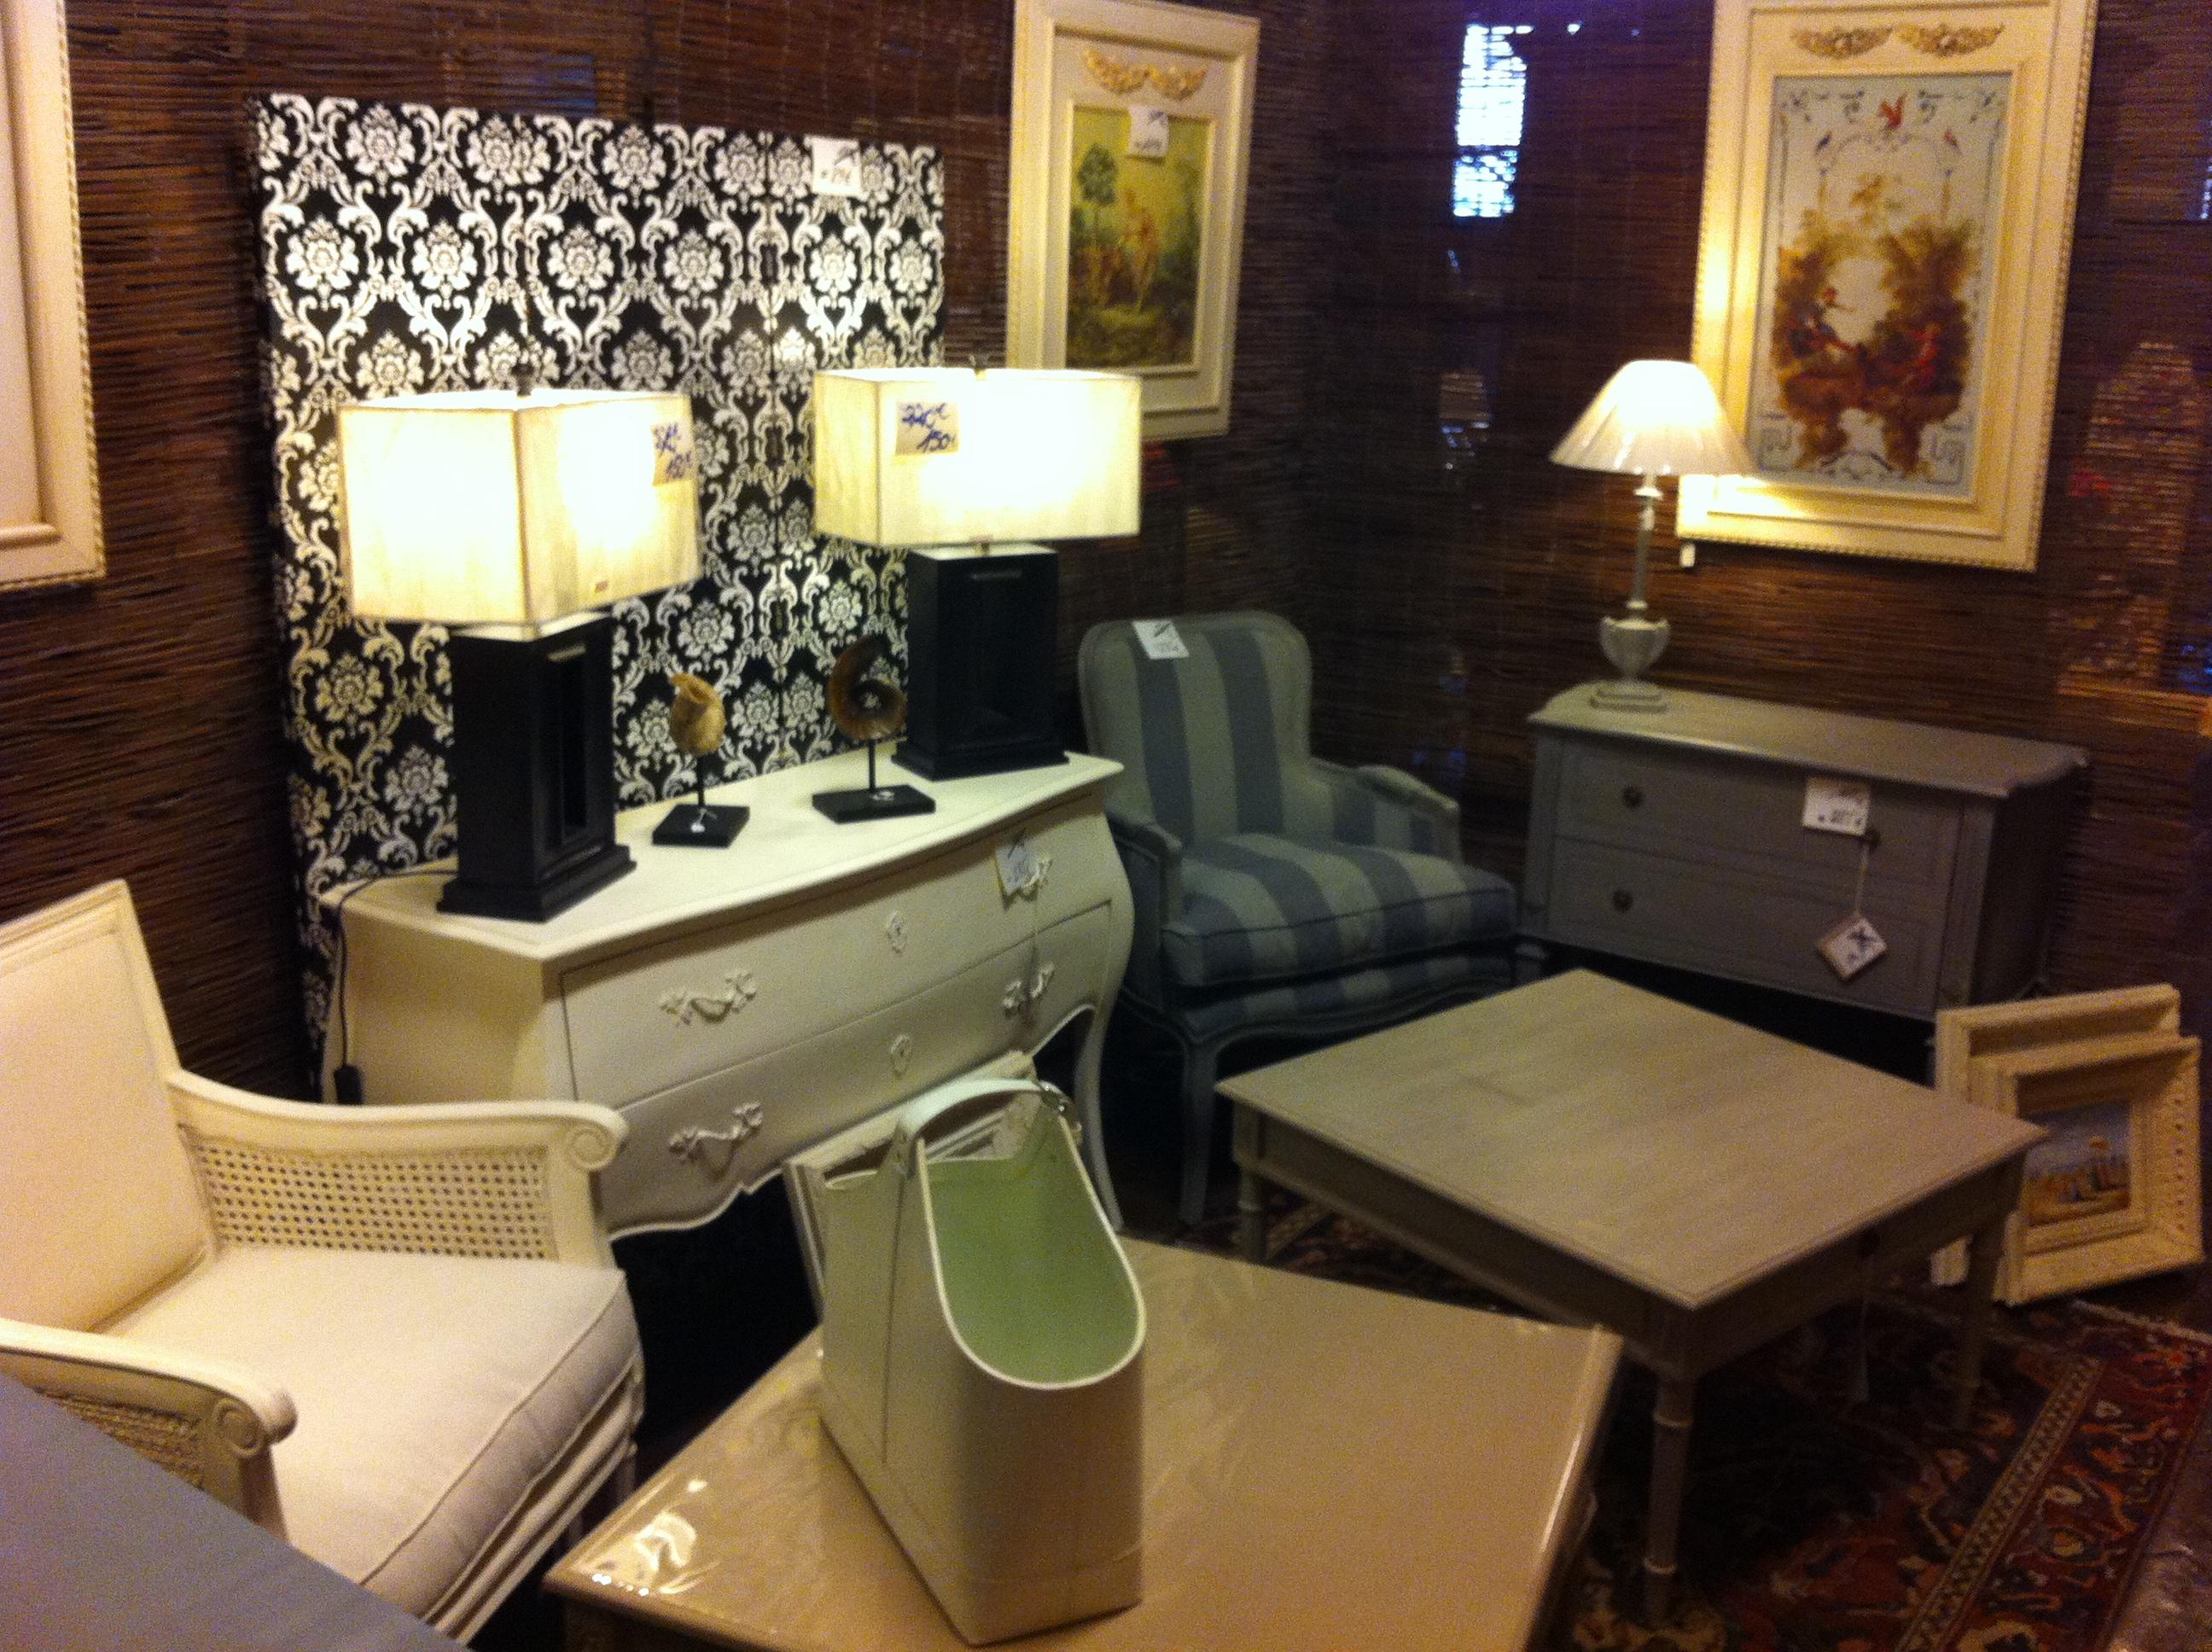 Muebles lacados y decapados - Muebles decapados ...